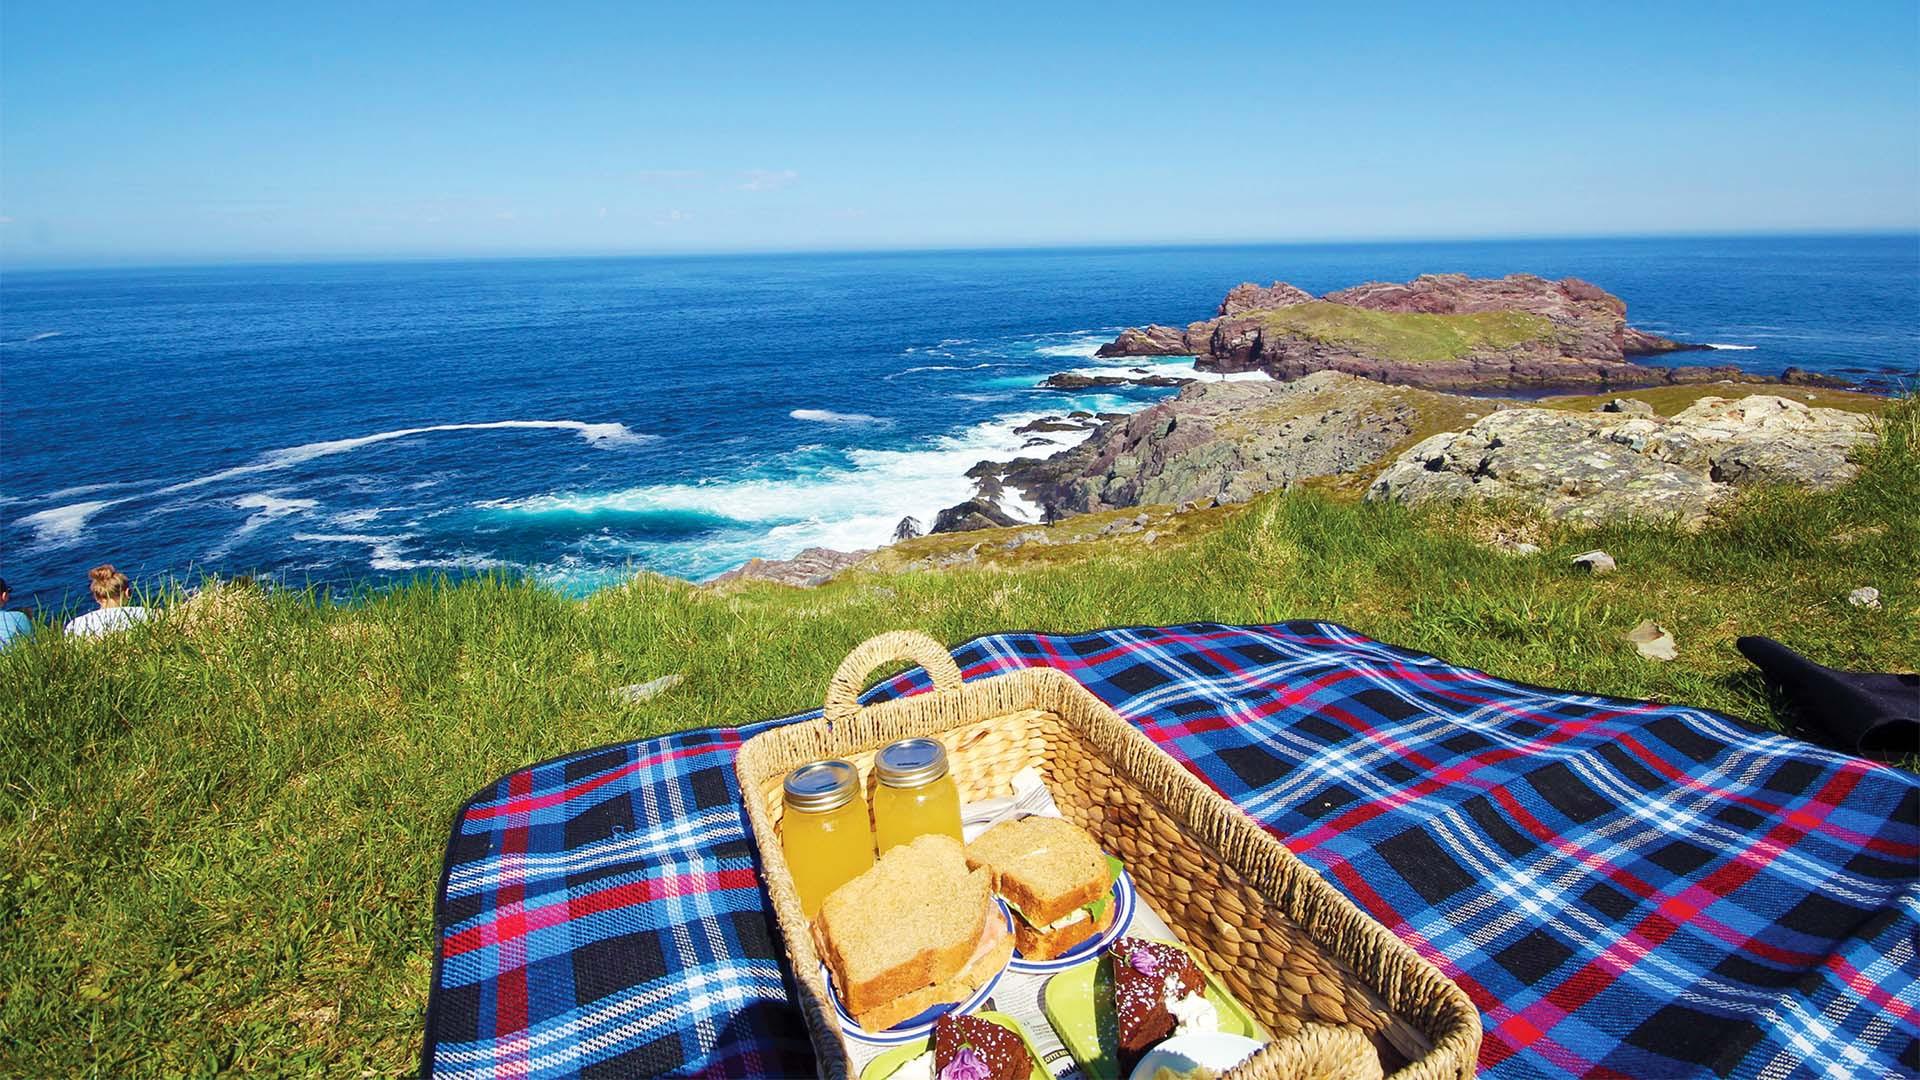 Lighthouse picnics in Newfoundland & Labrador, Canada